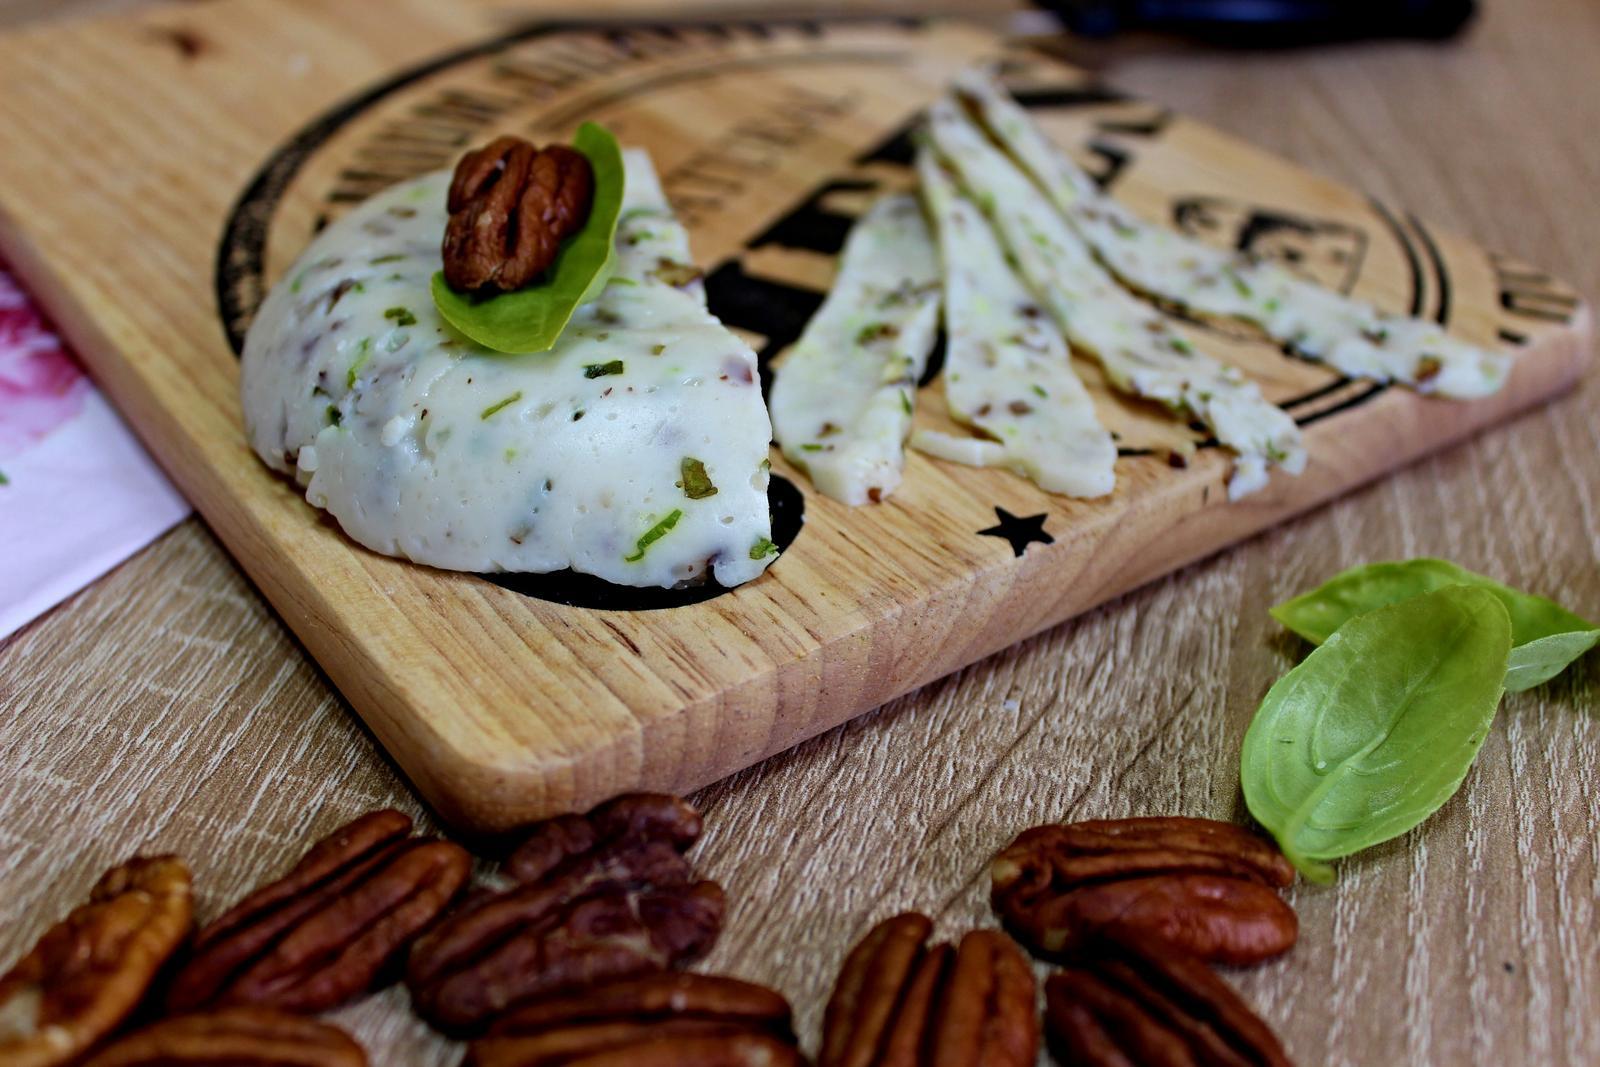 Další kuchařská meta je pokořená - u nás doma už se vyrábí i sýr. Recept je na blogu a musím říct, že ta chuť je vážně skvělá a vůbec to není nic pracného:) https://slaskouapacheee.blogspot.cz/2017/10/luxusne-dobry-domaci-syr-s-pekanovymi.html - Obrázek č. 1